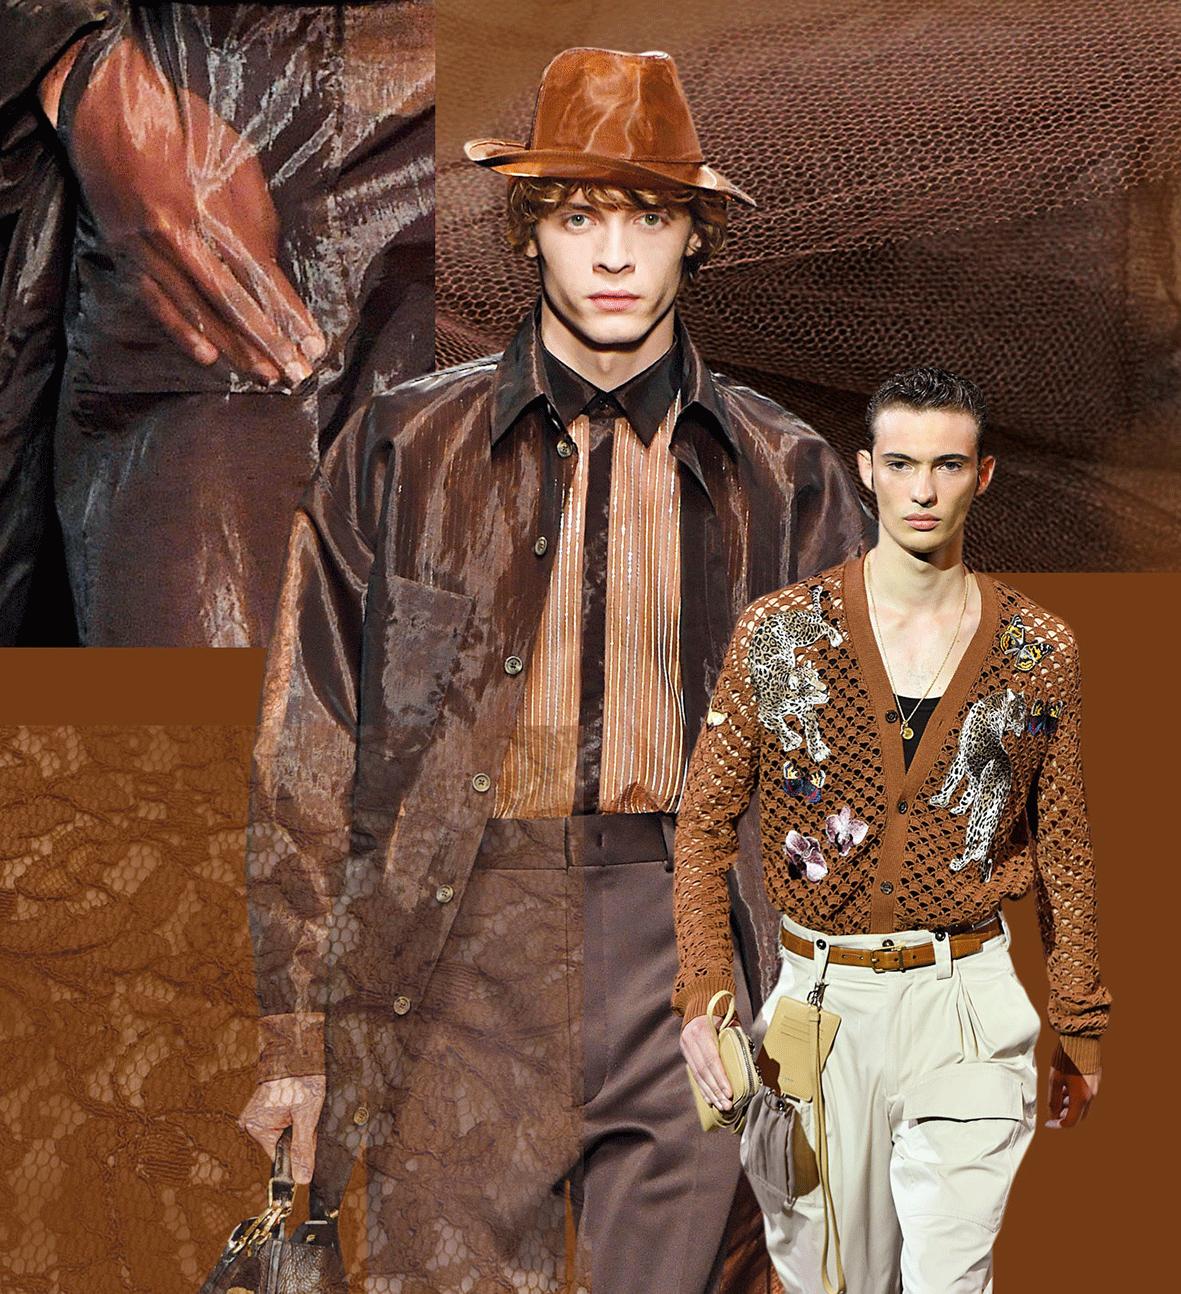 Mode in der Trendfarbe veiled brwon